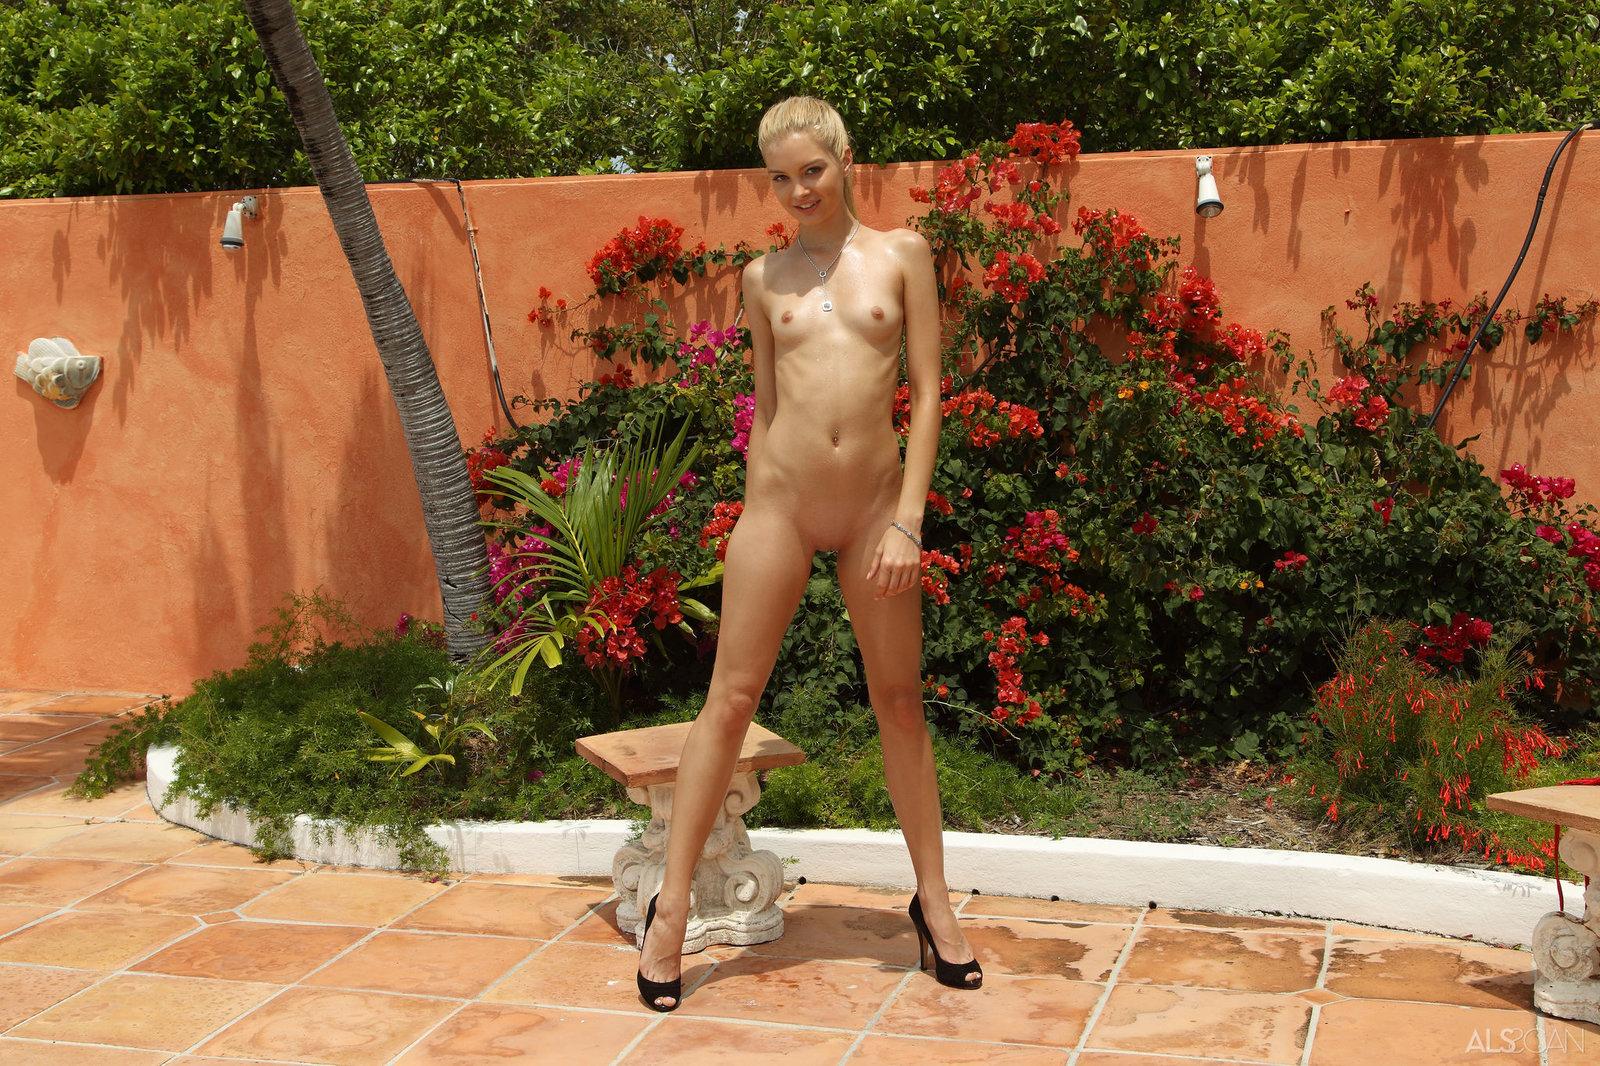 Zdjęcie porno - 12 2 - W czerwonym bikini